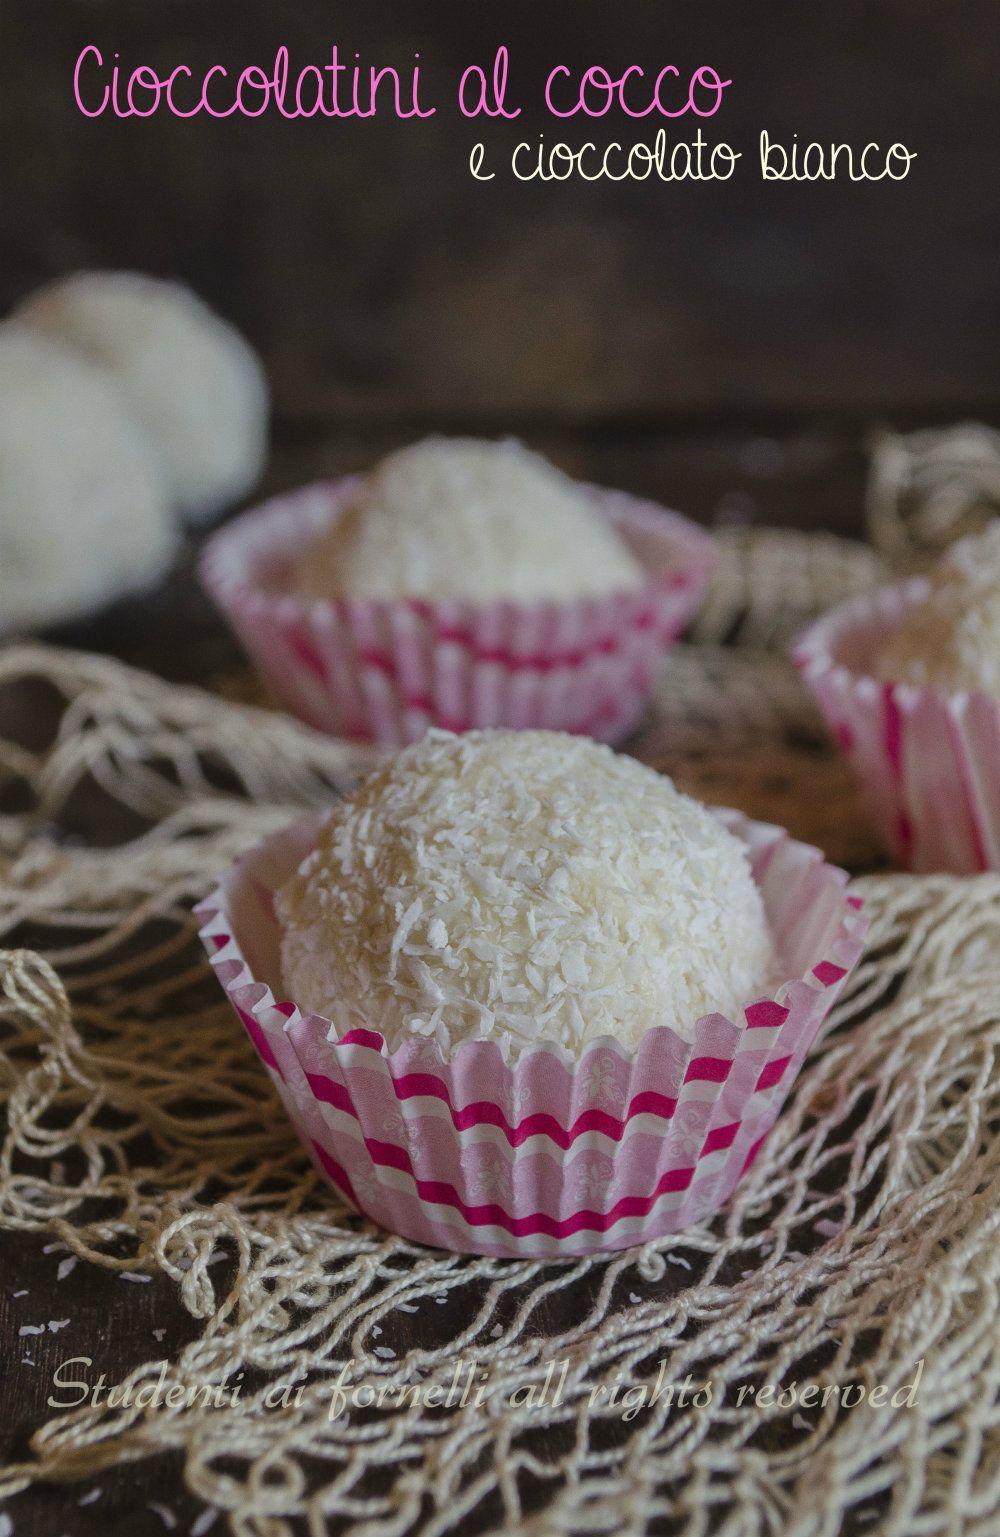 Ricetta Raffaello Wafer.Ricette E Idee Per Cucinare Studenti Ai Fornelli Cioccolatini Ricette Cocco